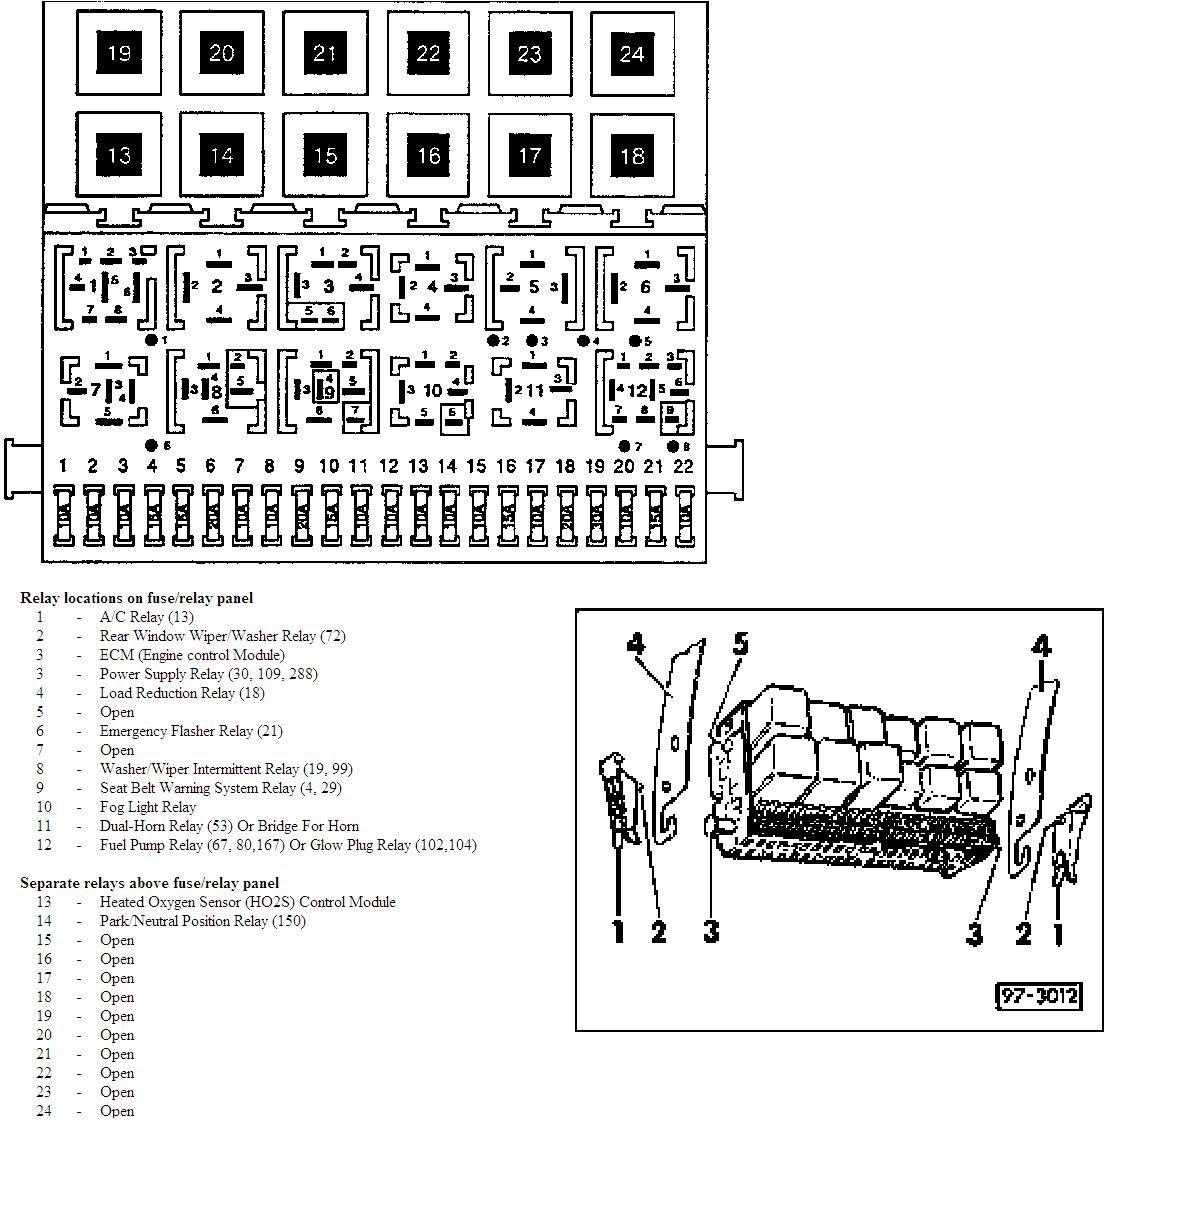 fuse box diagram 1995 vw golf